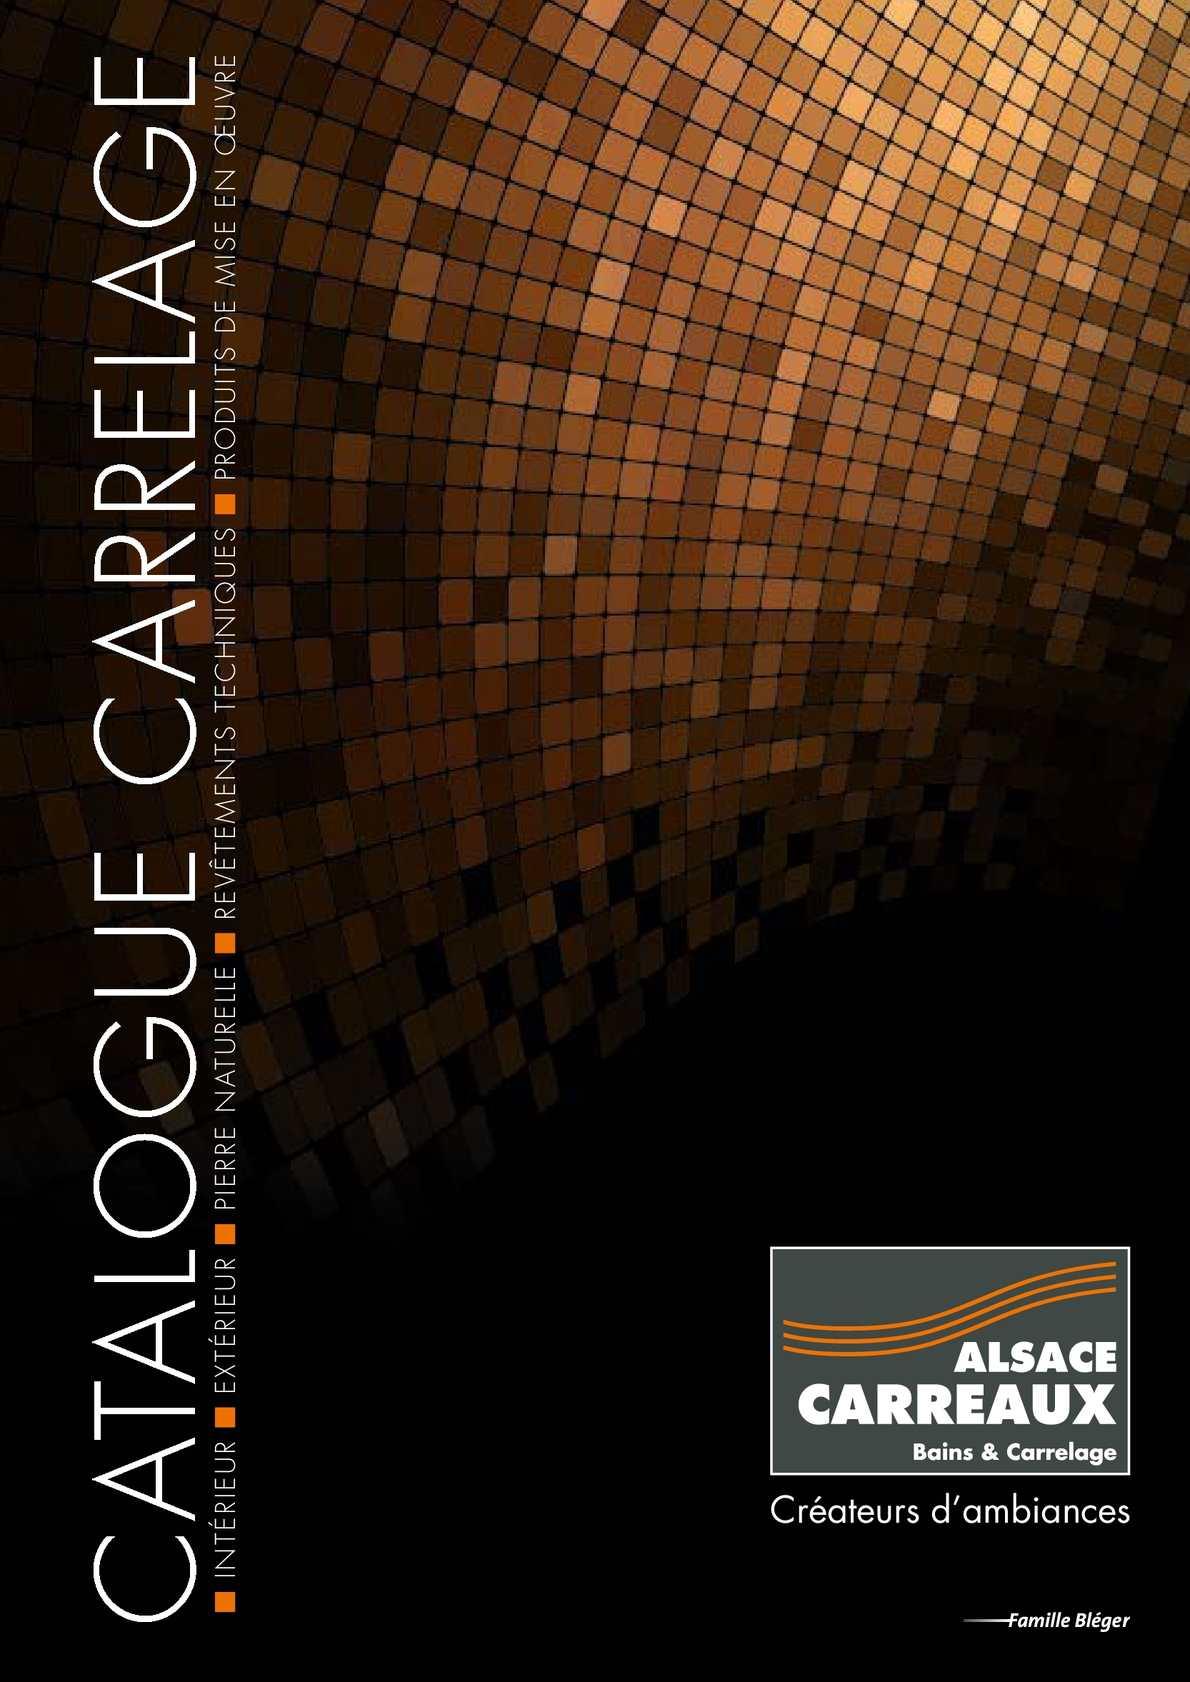 Natte Drainante Sous Carrelage Extérieur calaméo - catalogue carrelage